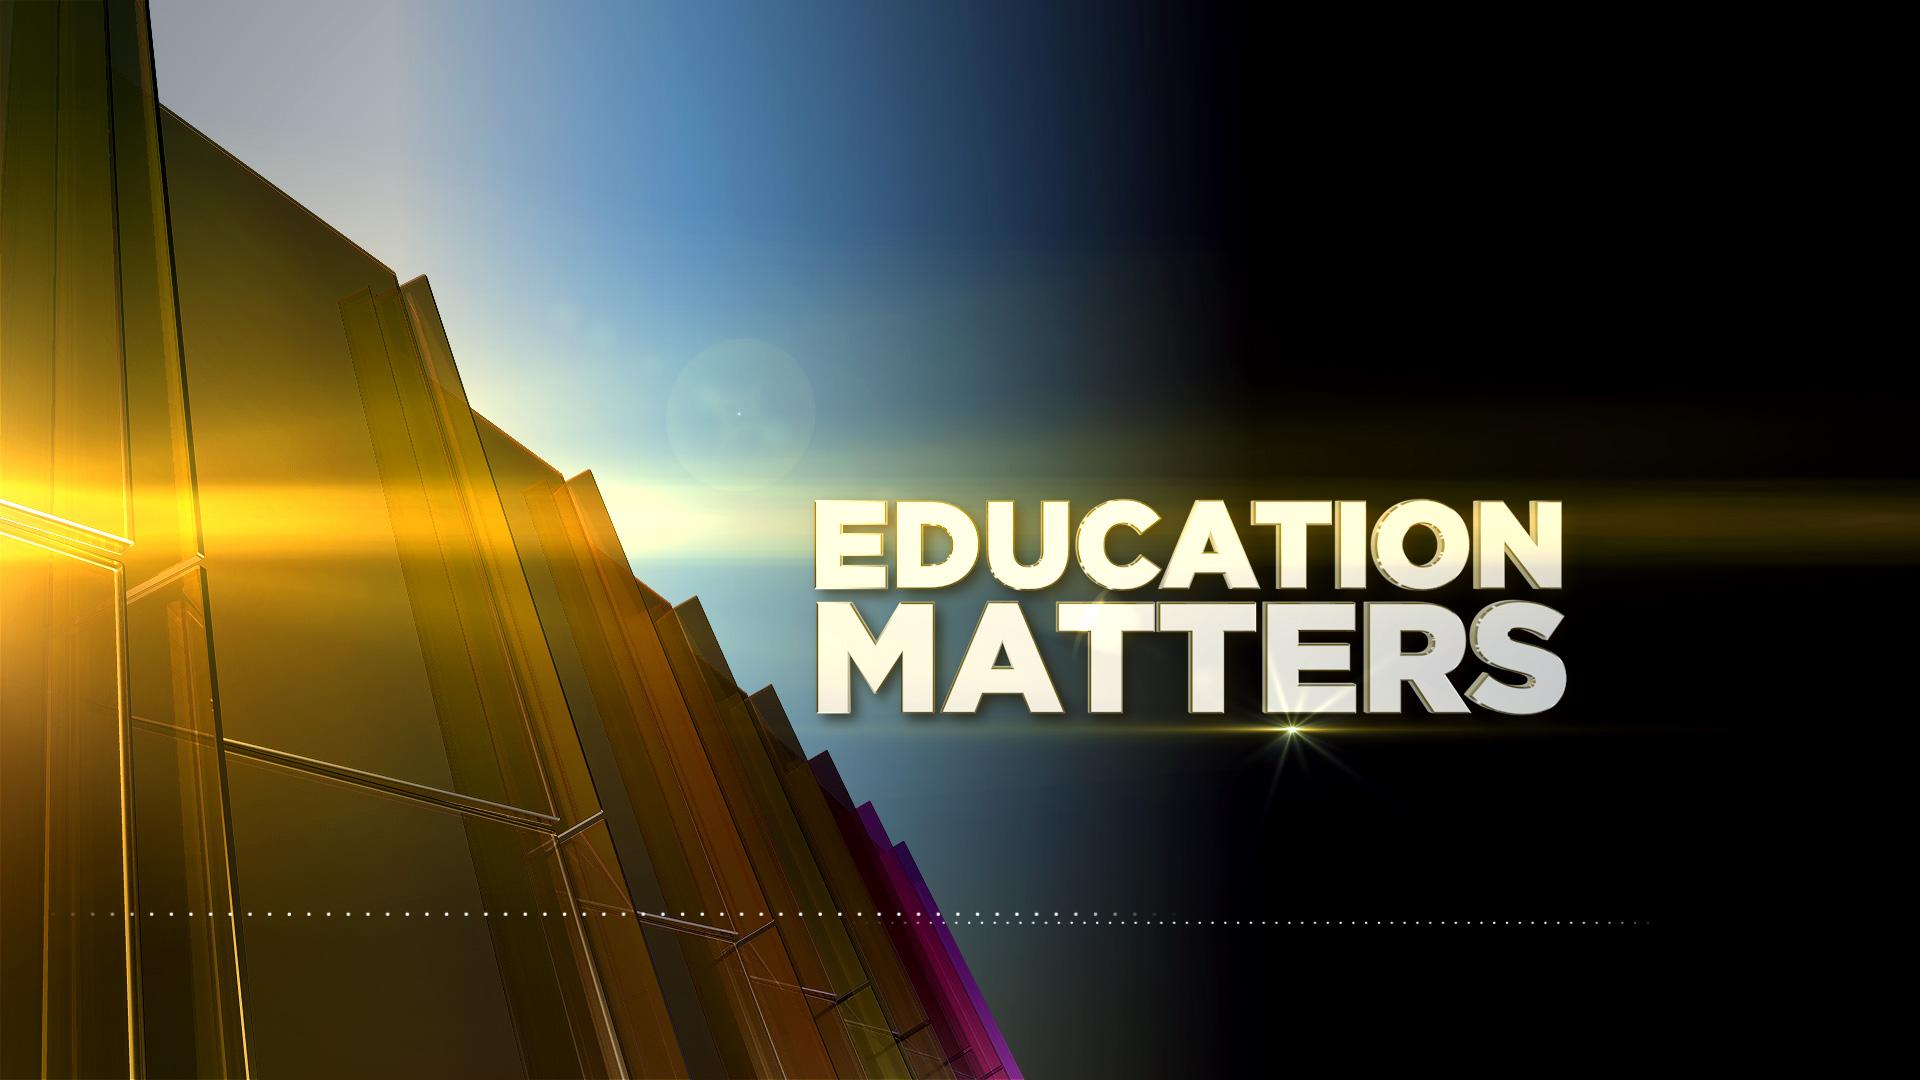 EducationMatters_1522370546337.jpg